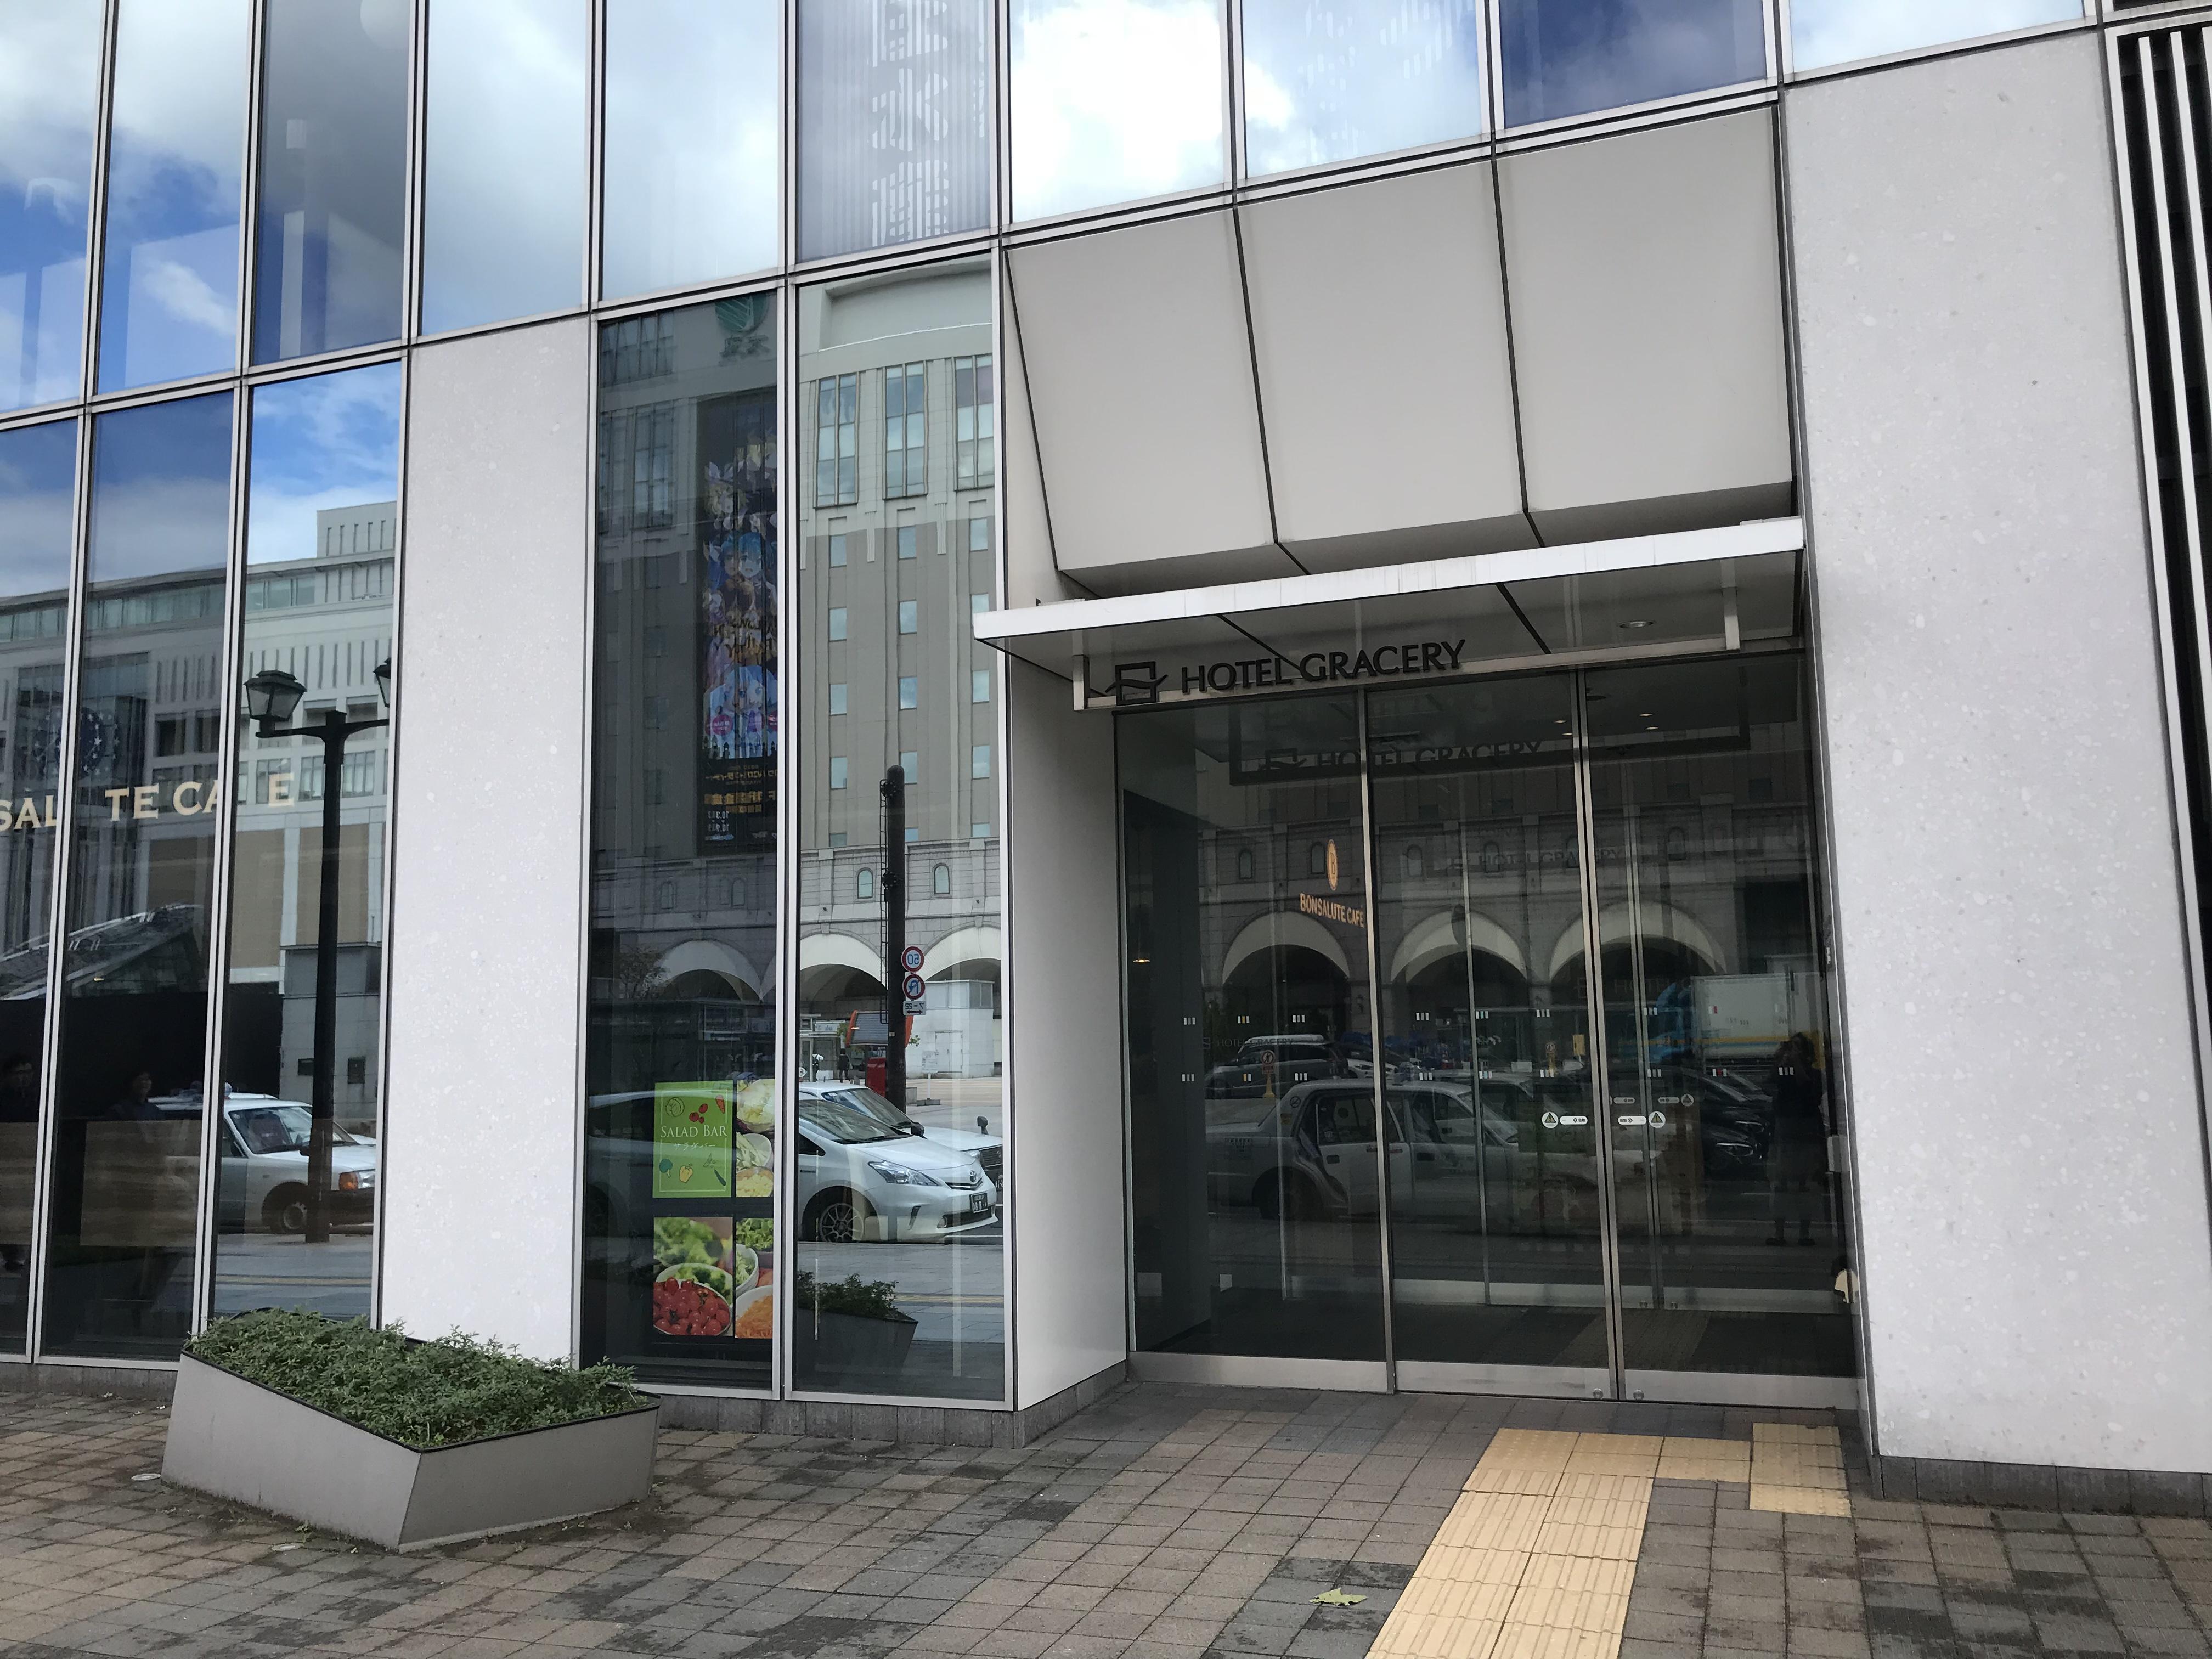 ホテルグレイスリー札幌の外観